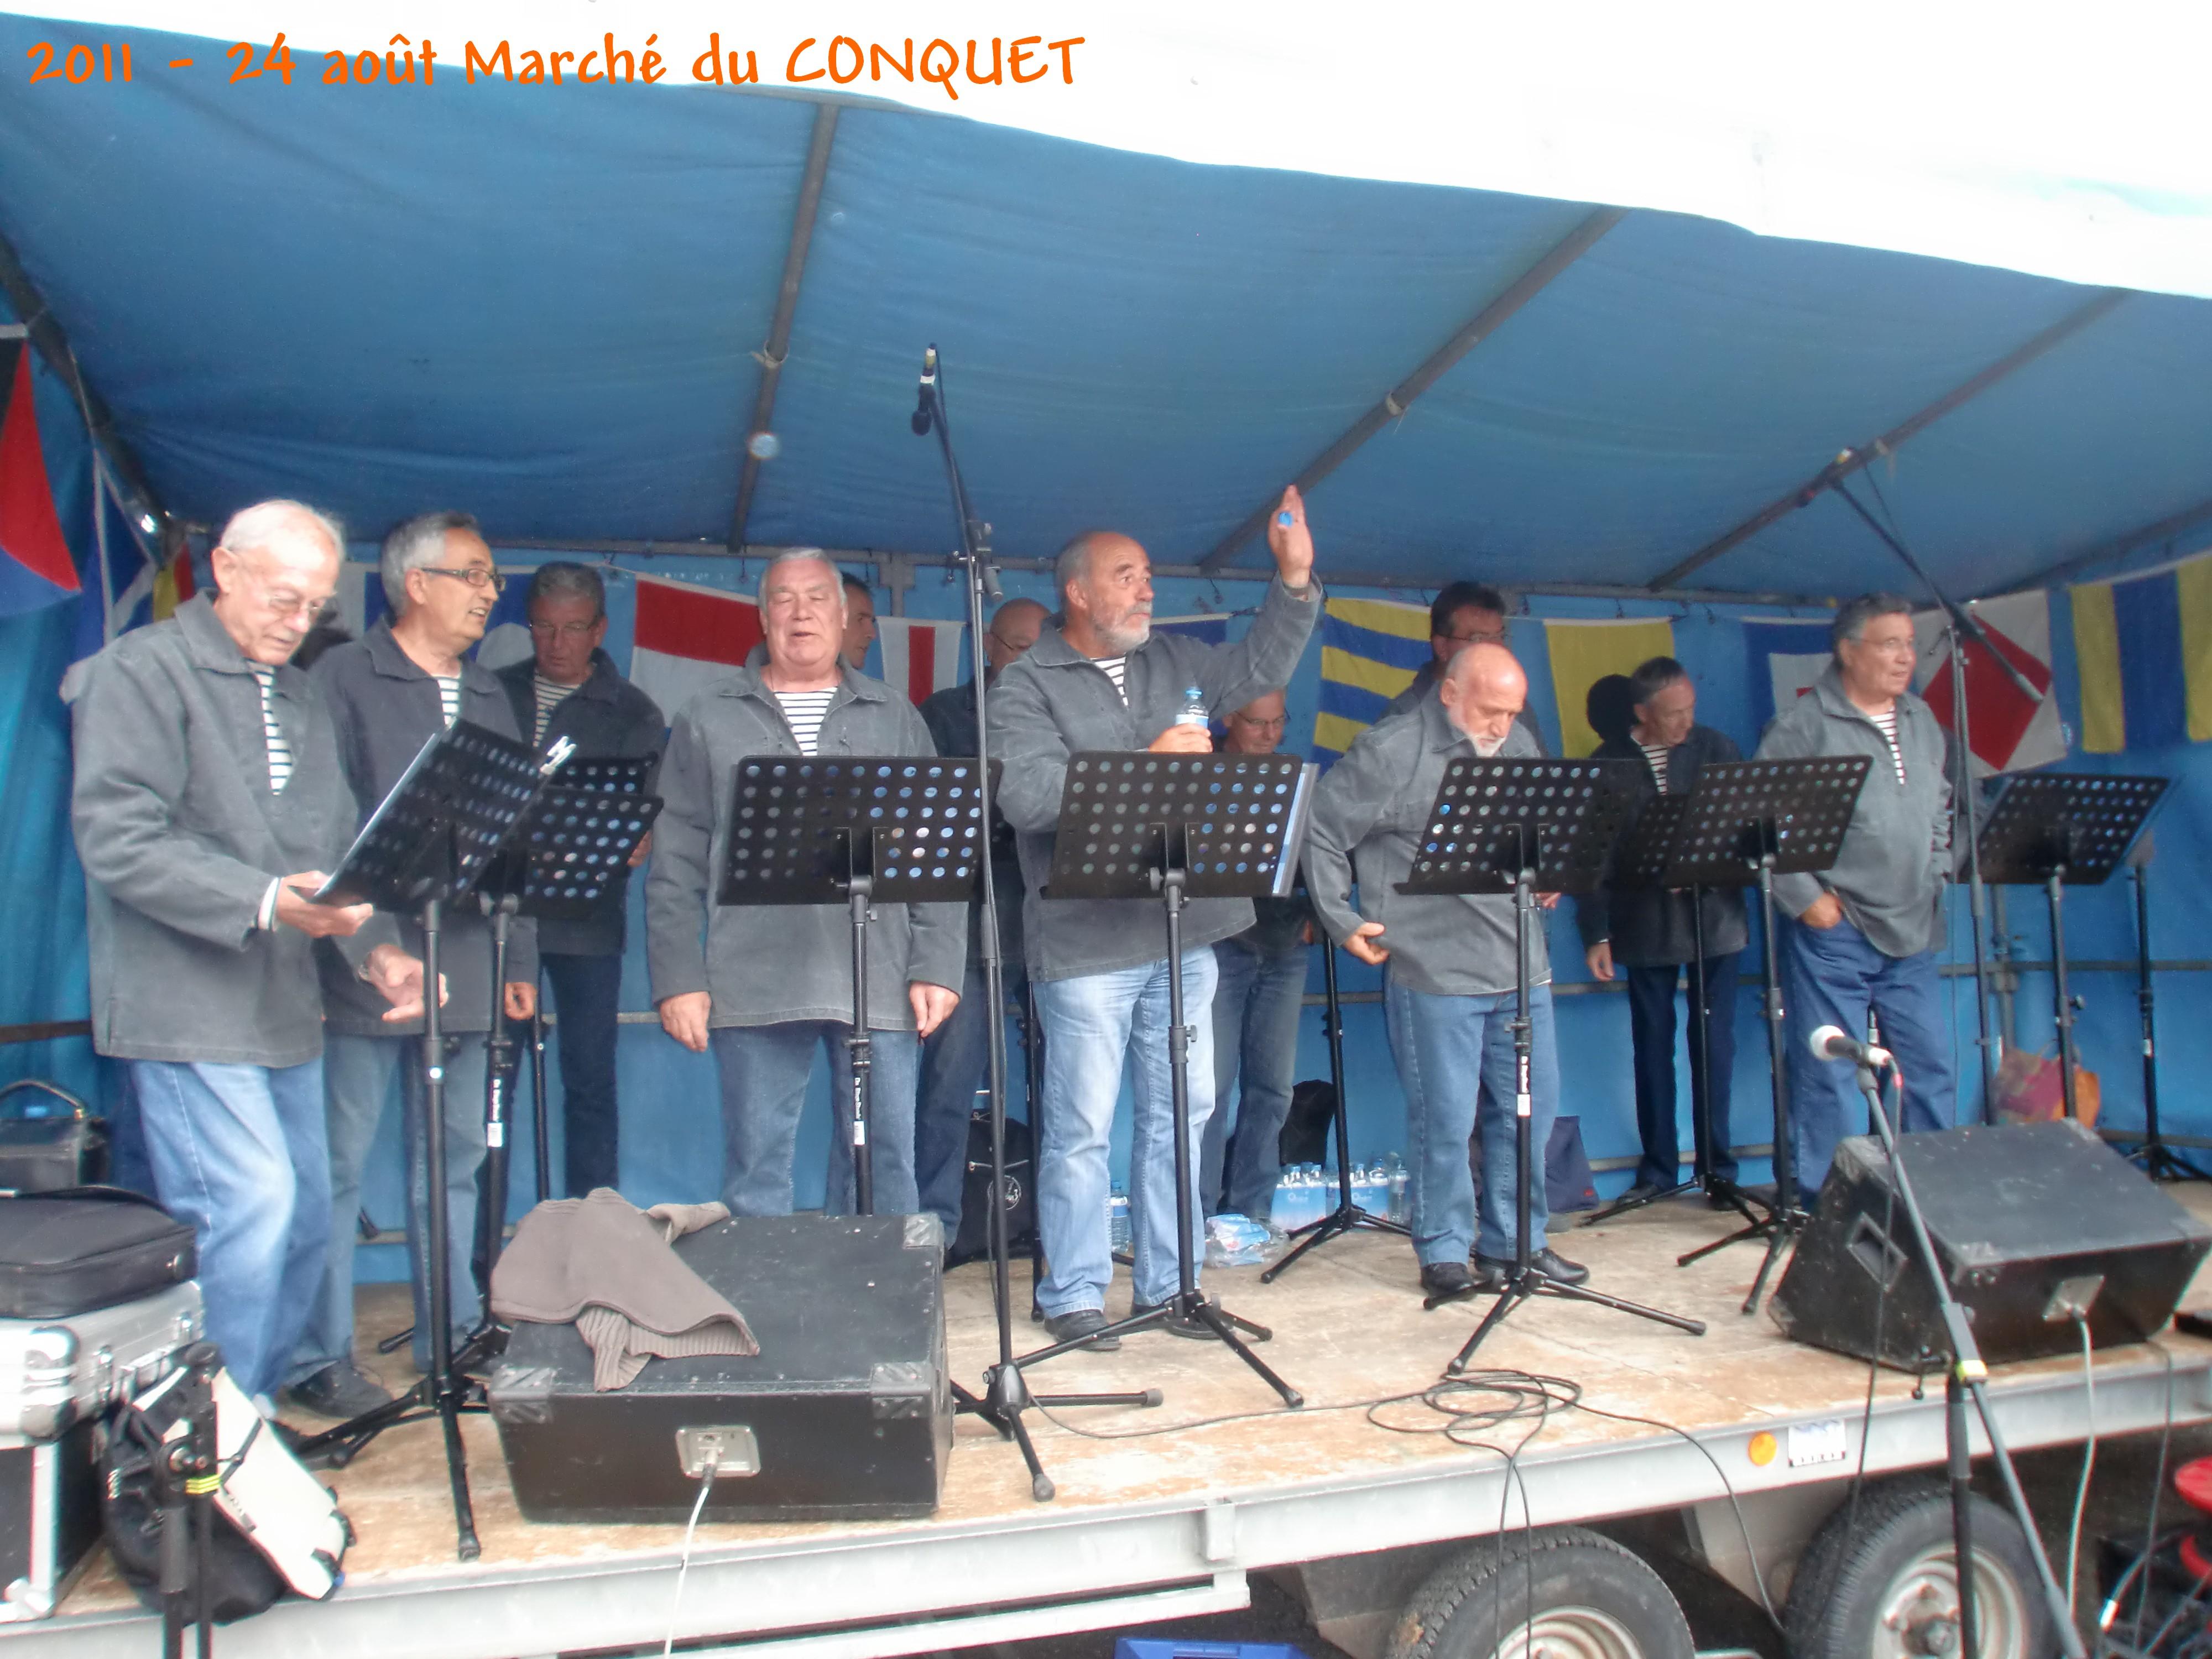 concert sous la pluie mairie du conquet 001